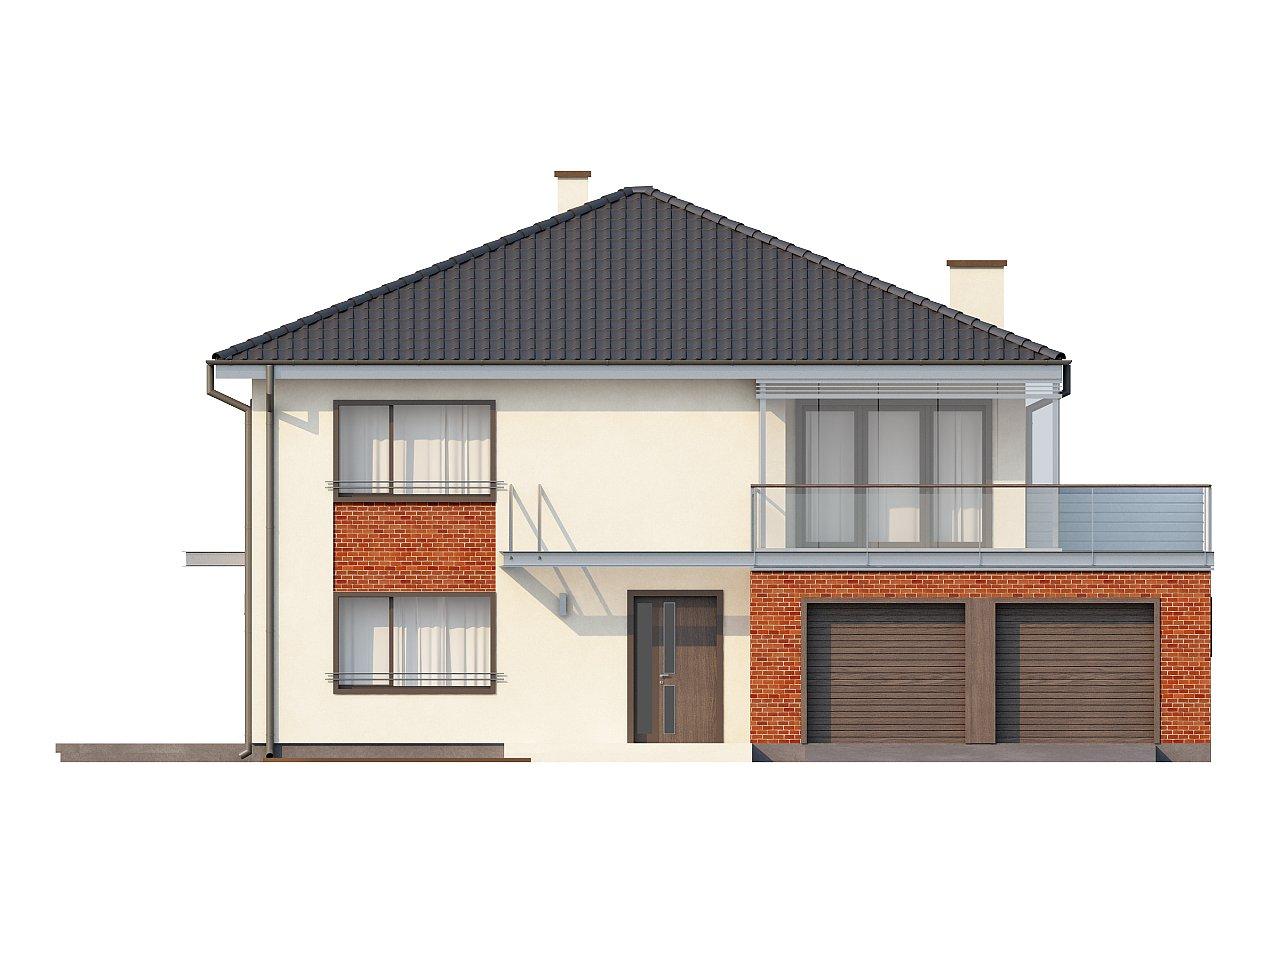 Комфортабельный двухэтажный дом простой формы со стеклянным эркером над гаражом. - фото 3